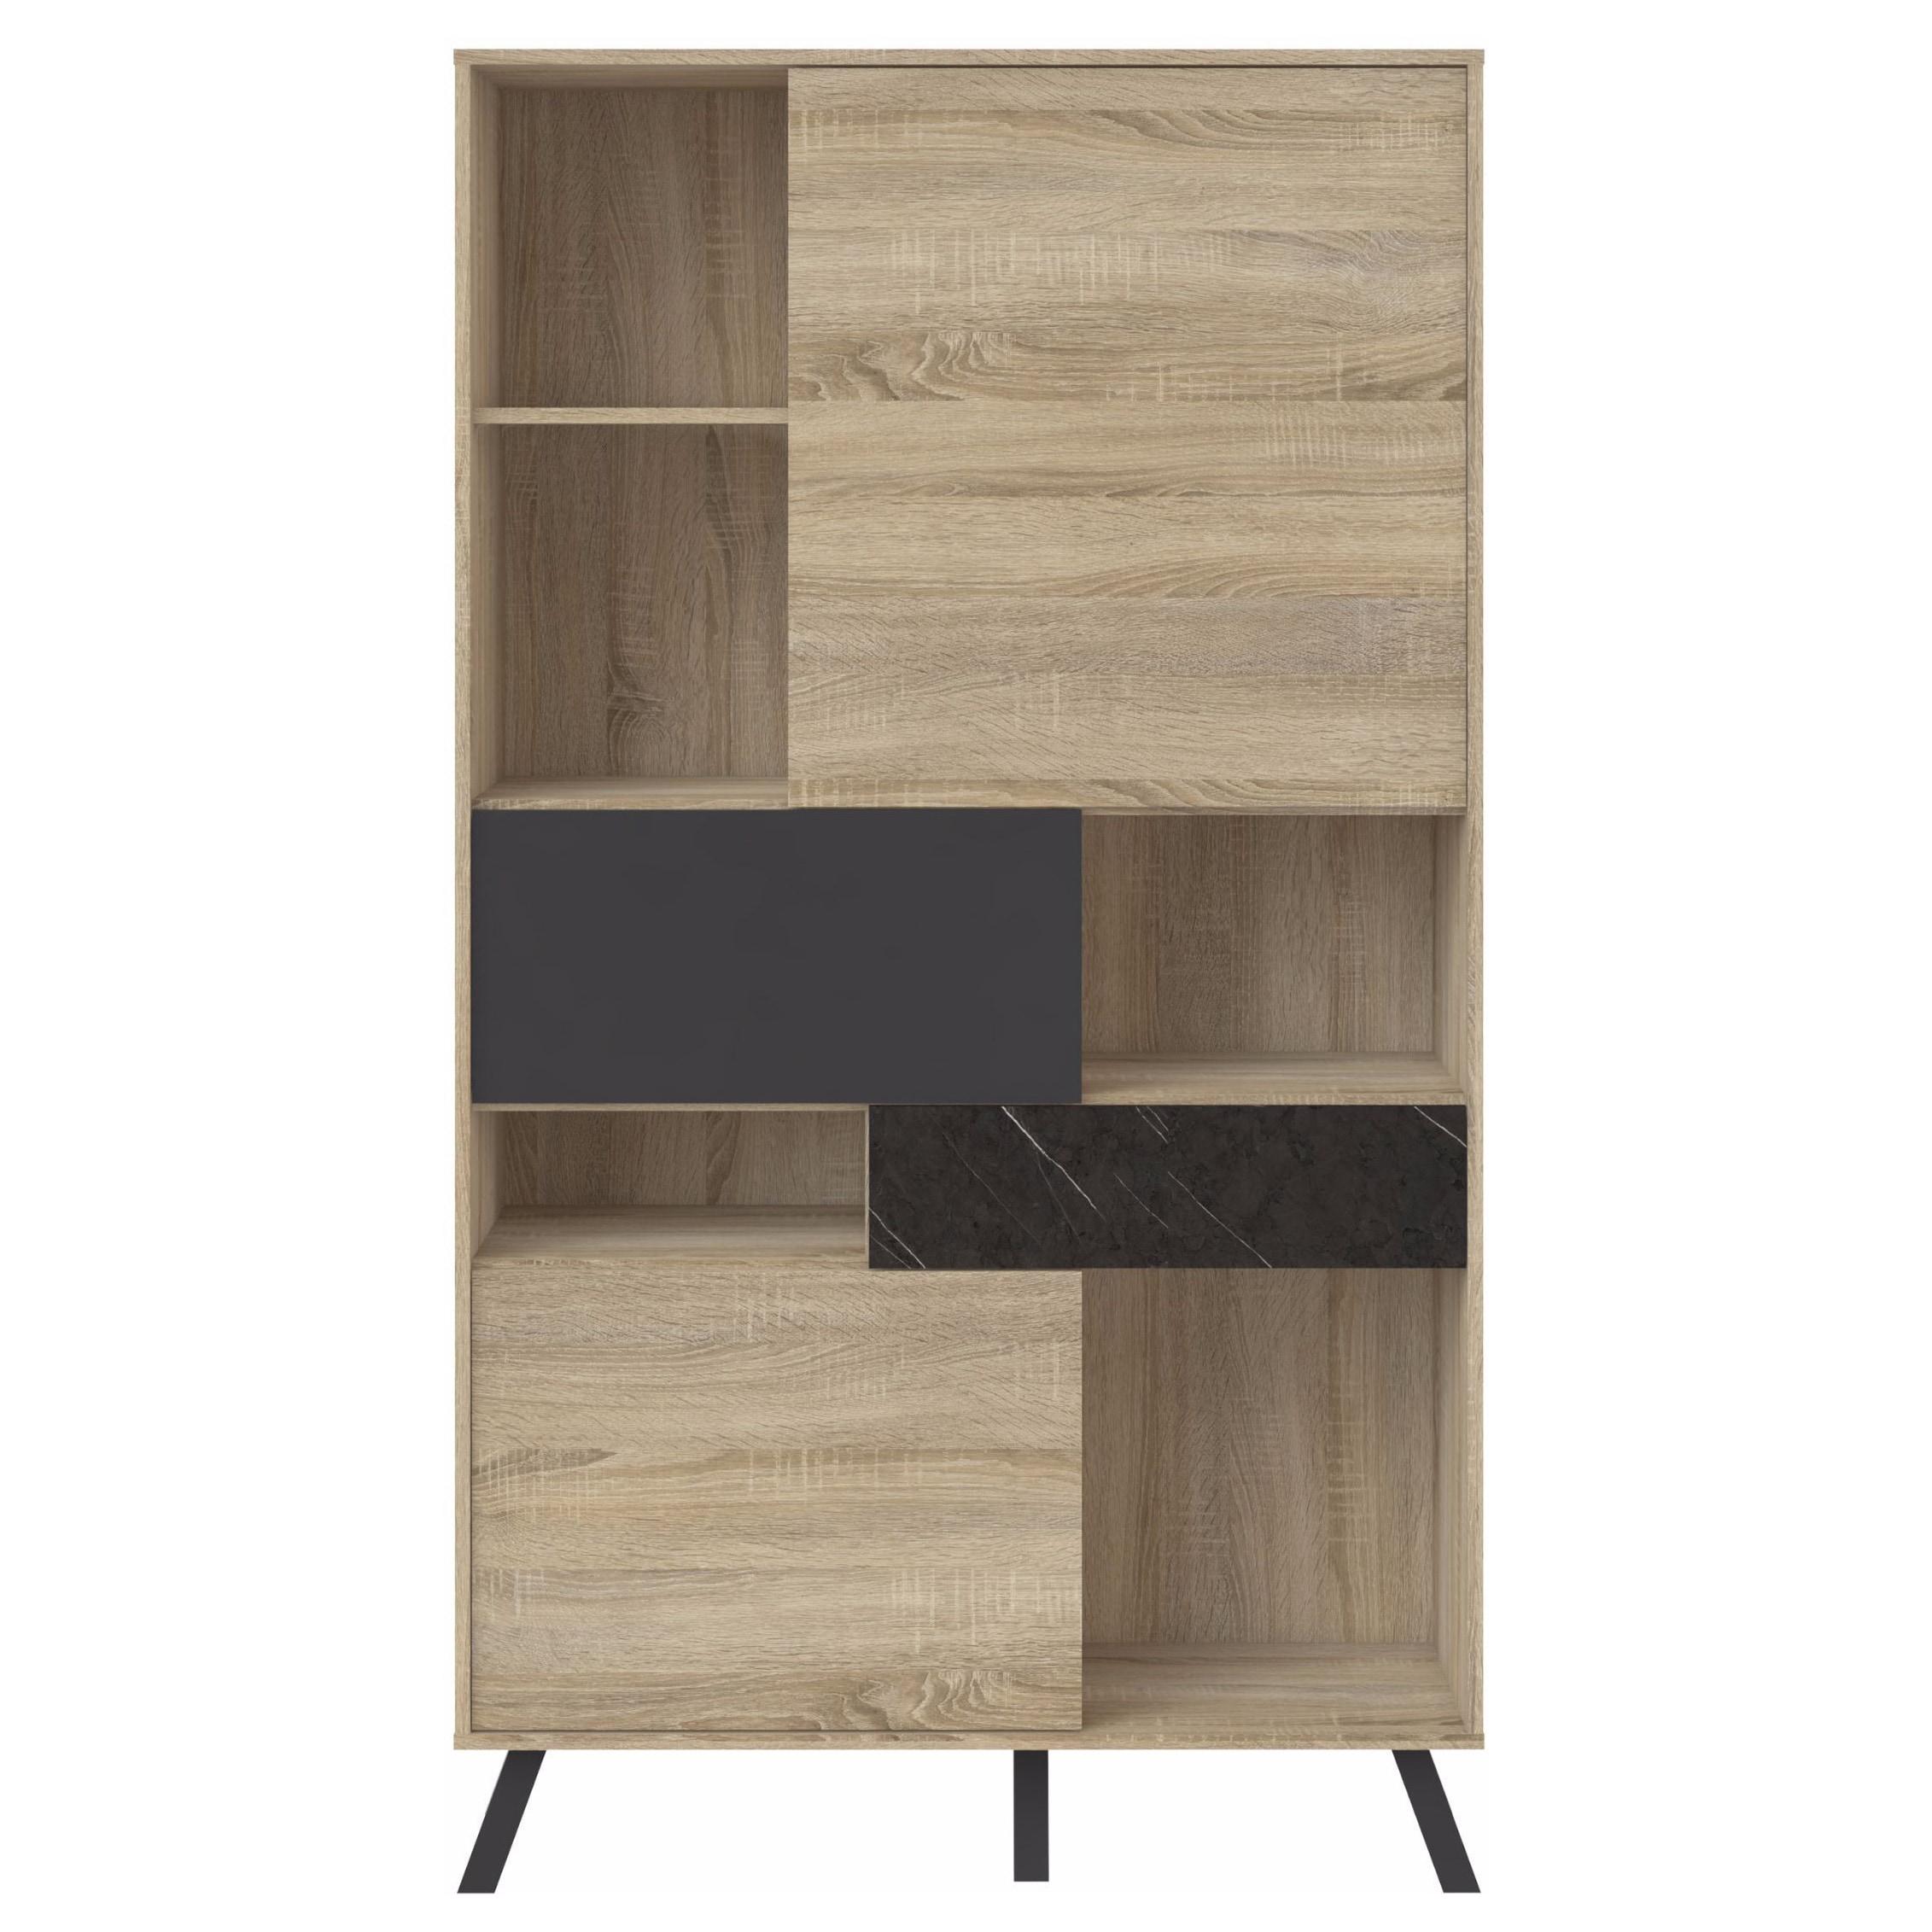 Nashville wood mid century modern storage bookcase